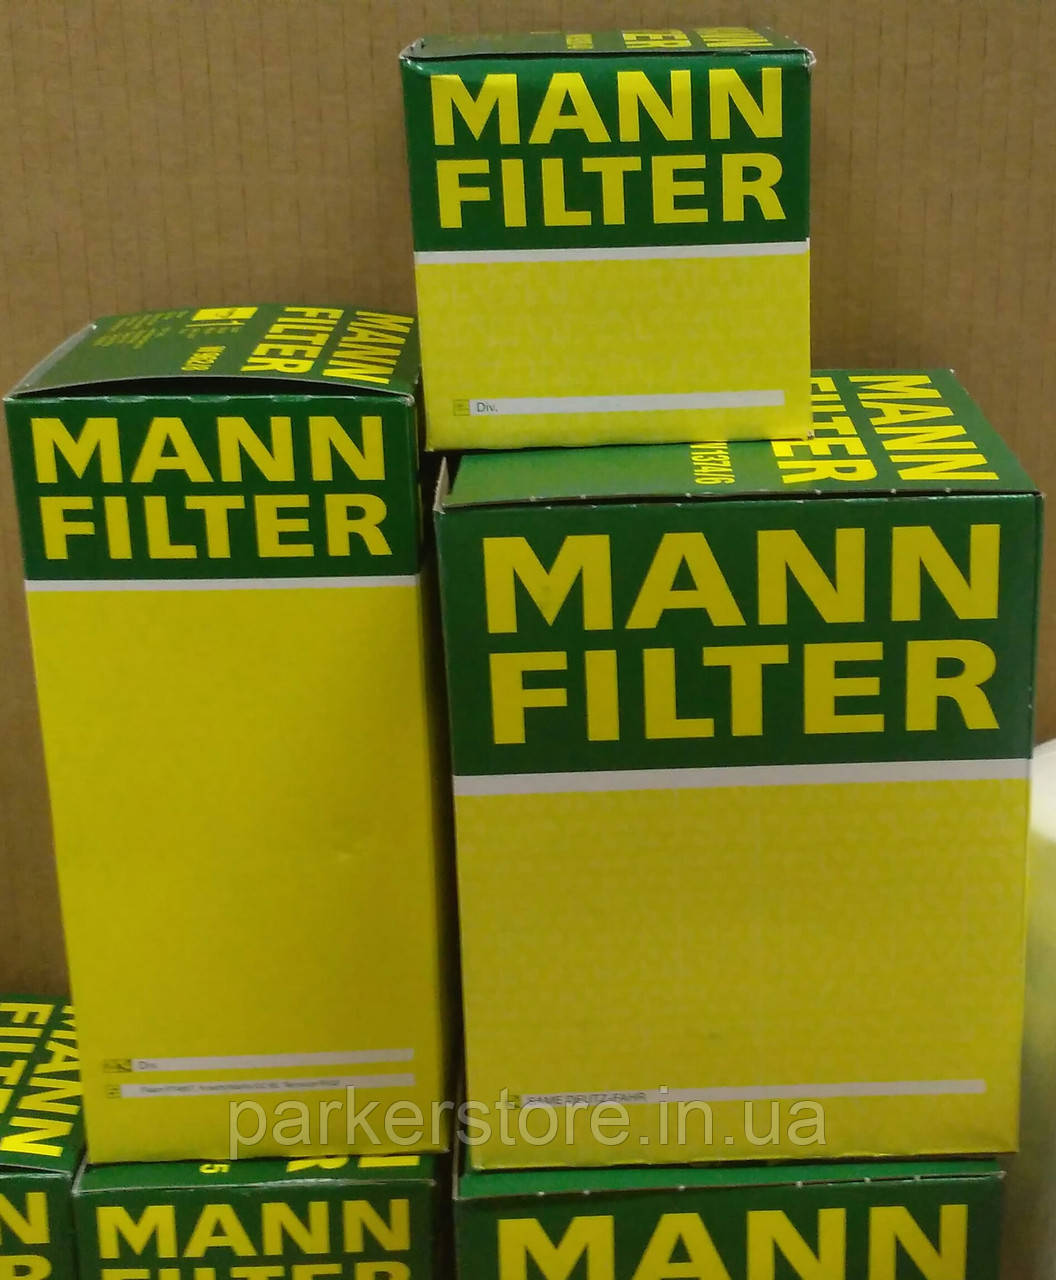 MANN FILTER / Воздушный фильтр / C 24 650/6 / C24650/6